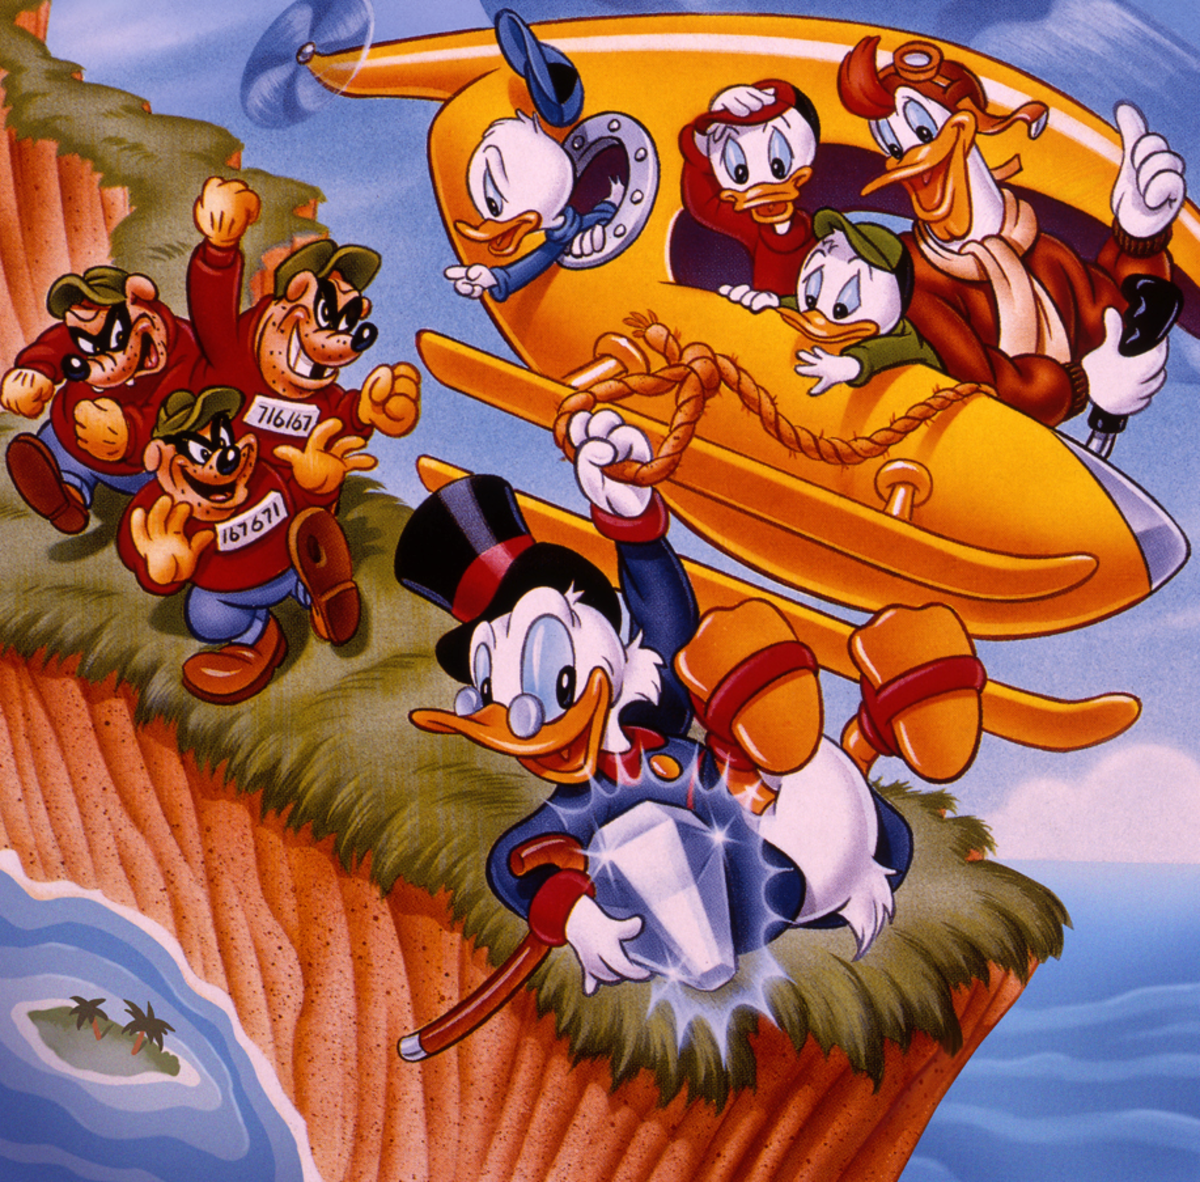 Disney Announces Ducktales Return n 2017